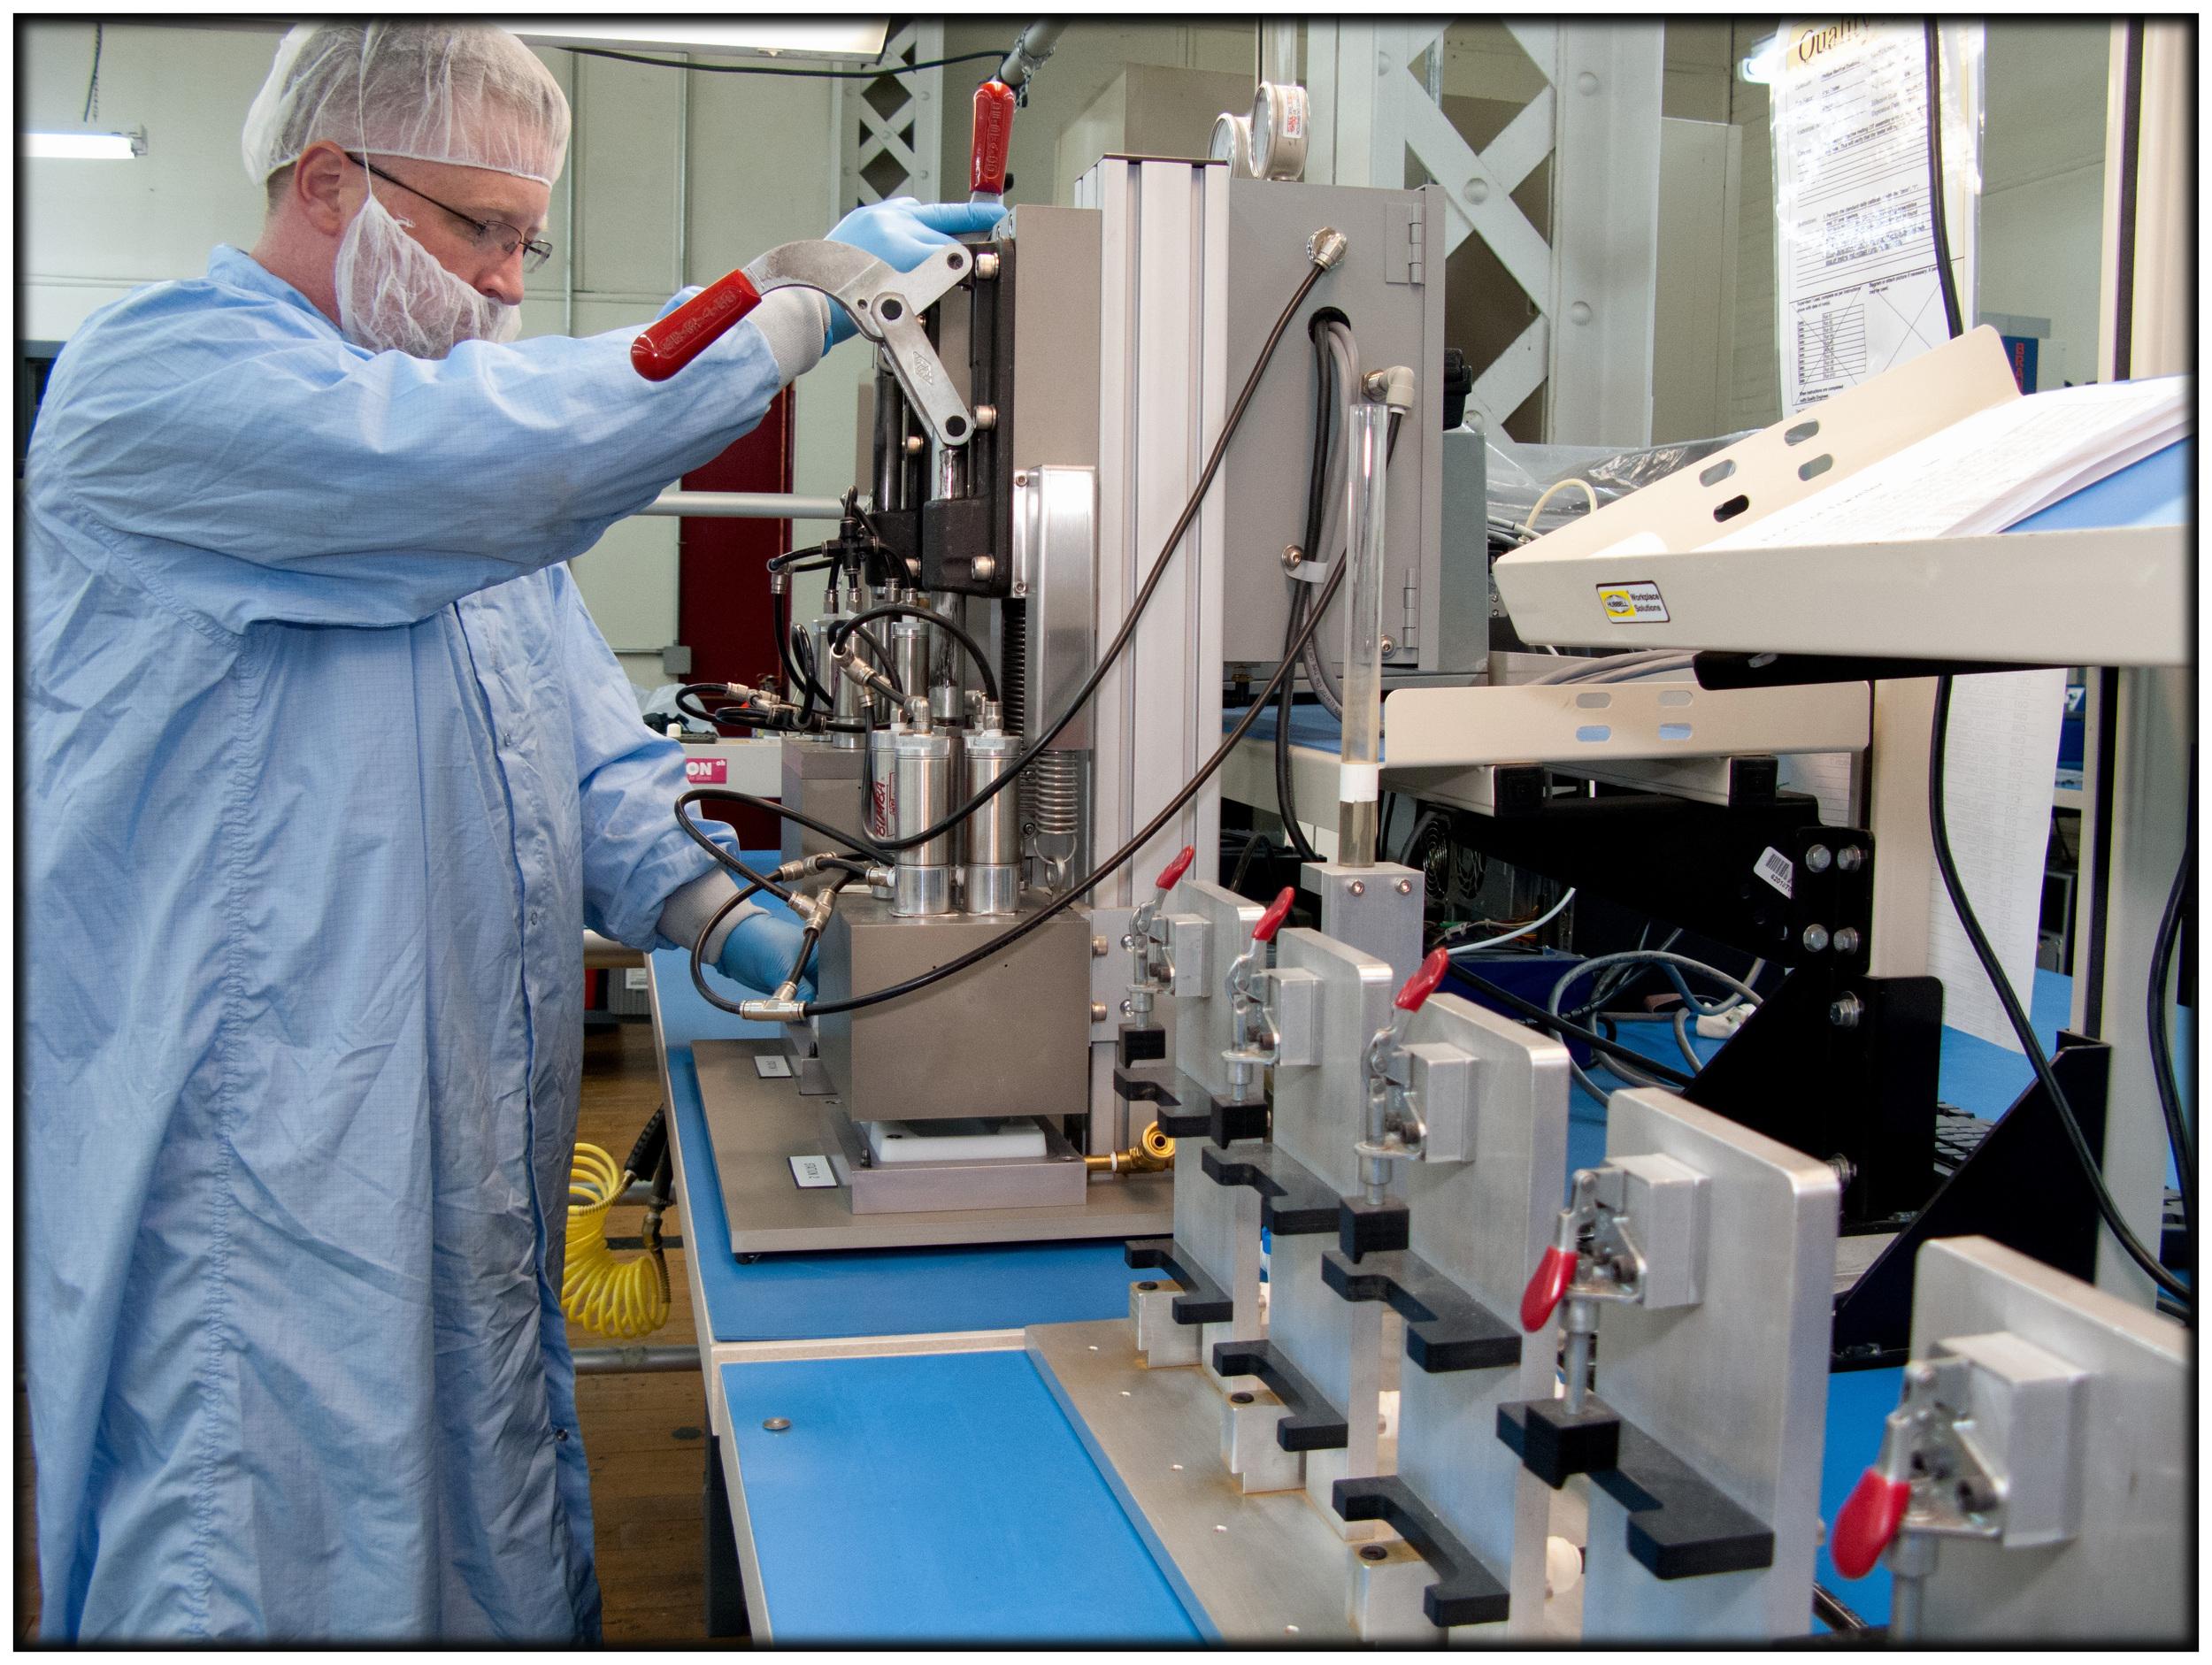 Injectronics_Technician_Assembly_Line_V1.jpg